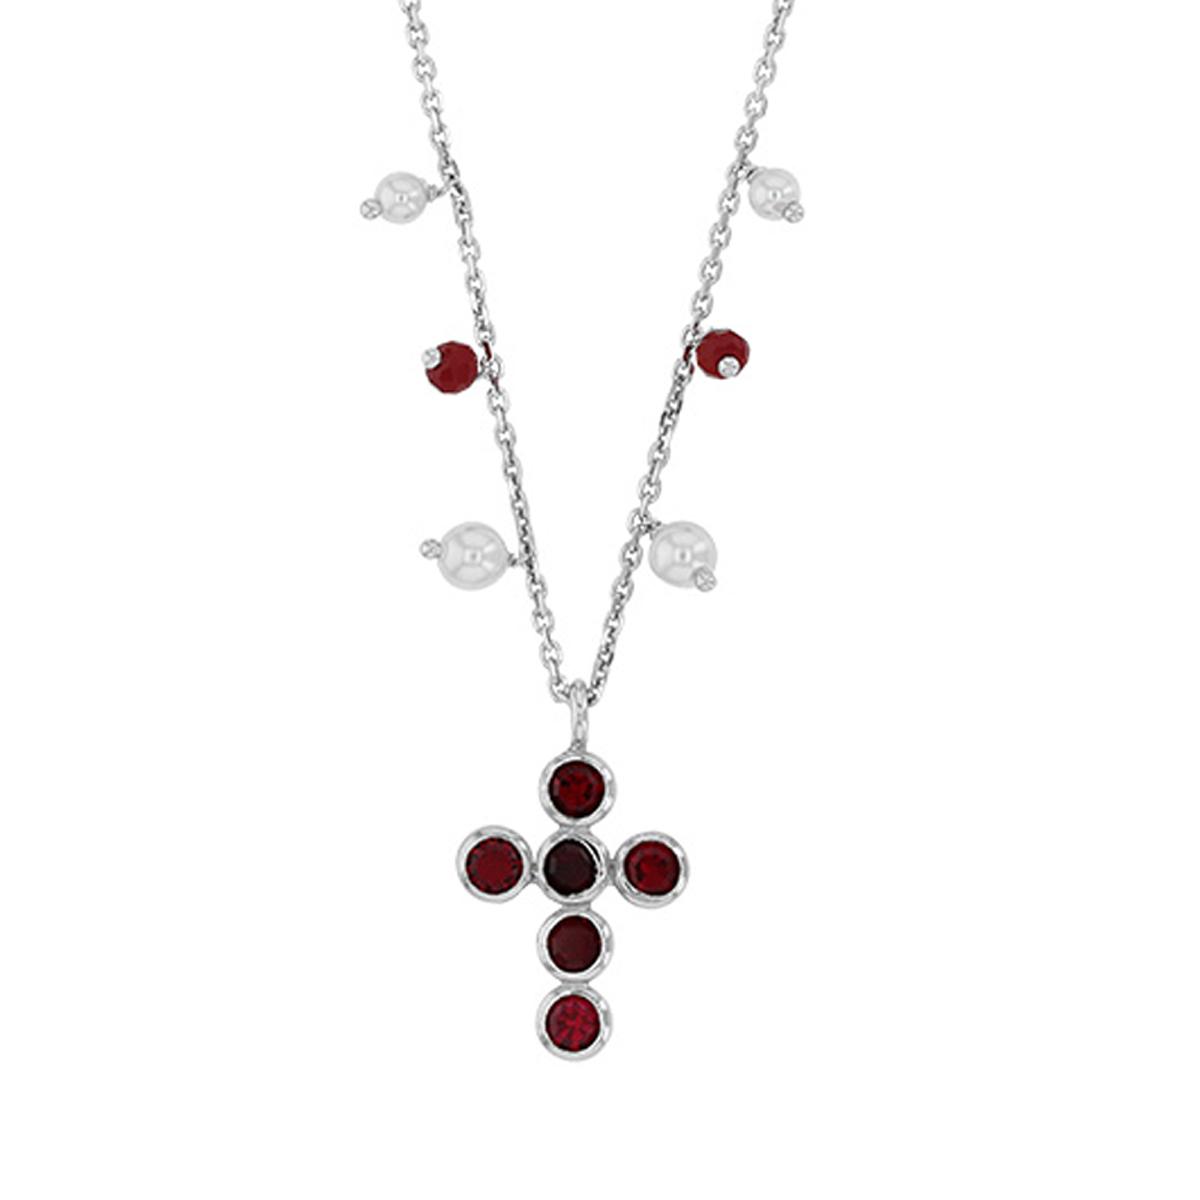 Collier Argent artisanal \'Croix Gypsy\' rouge argenté (rhodié) - 17x13 mm - [R4955]